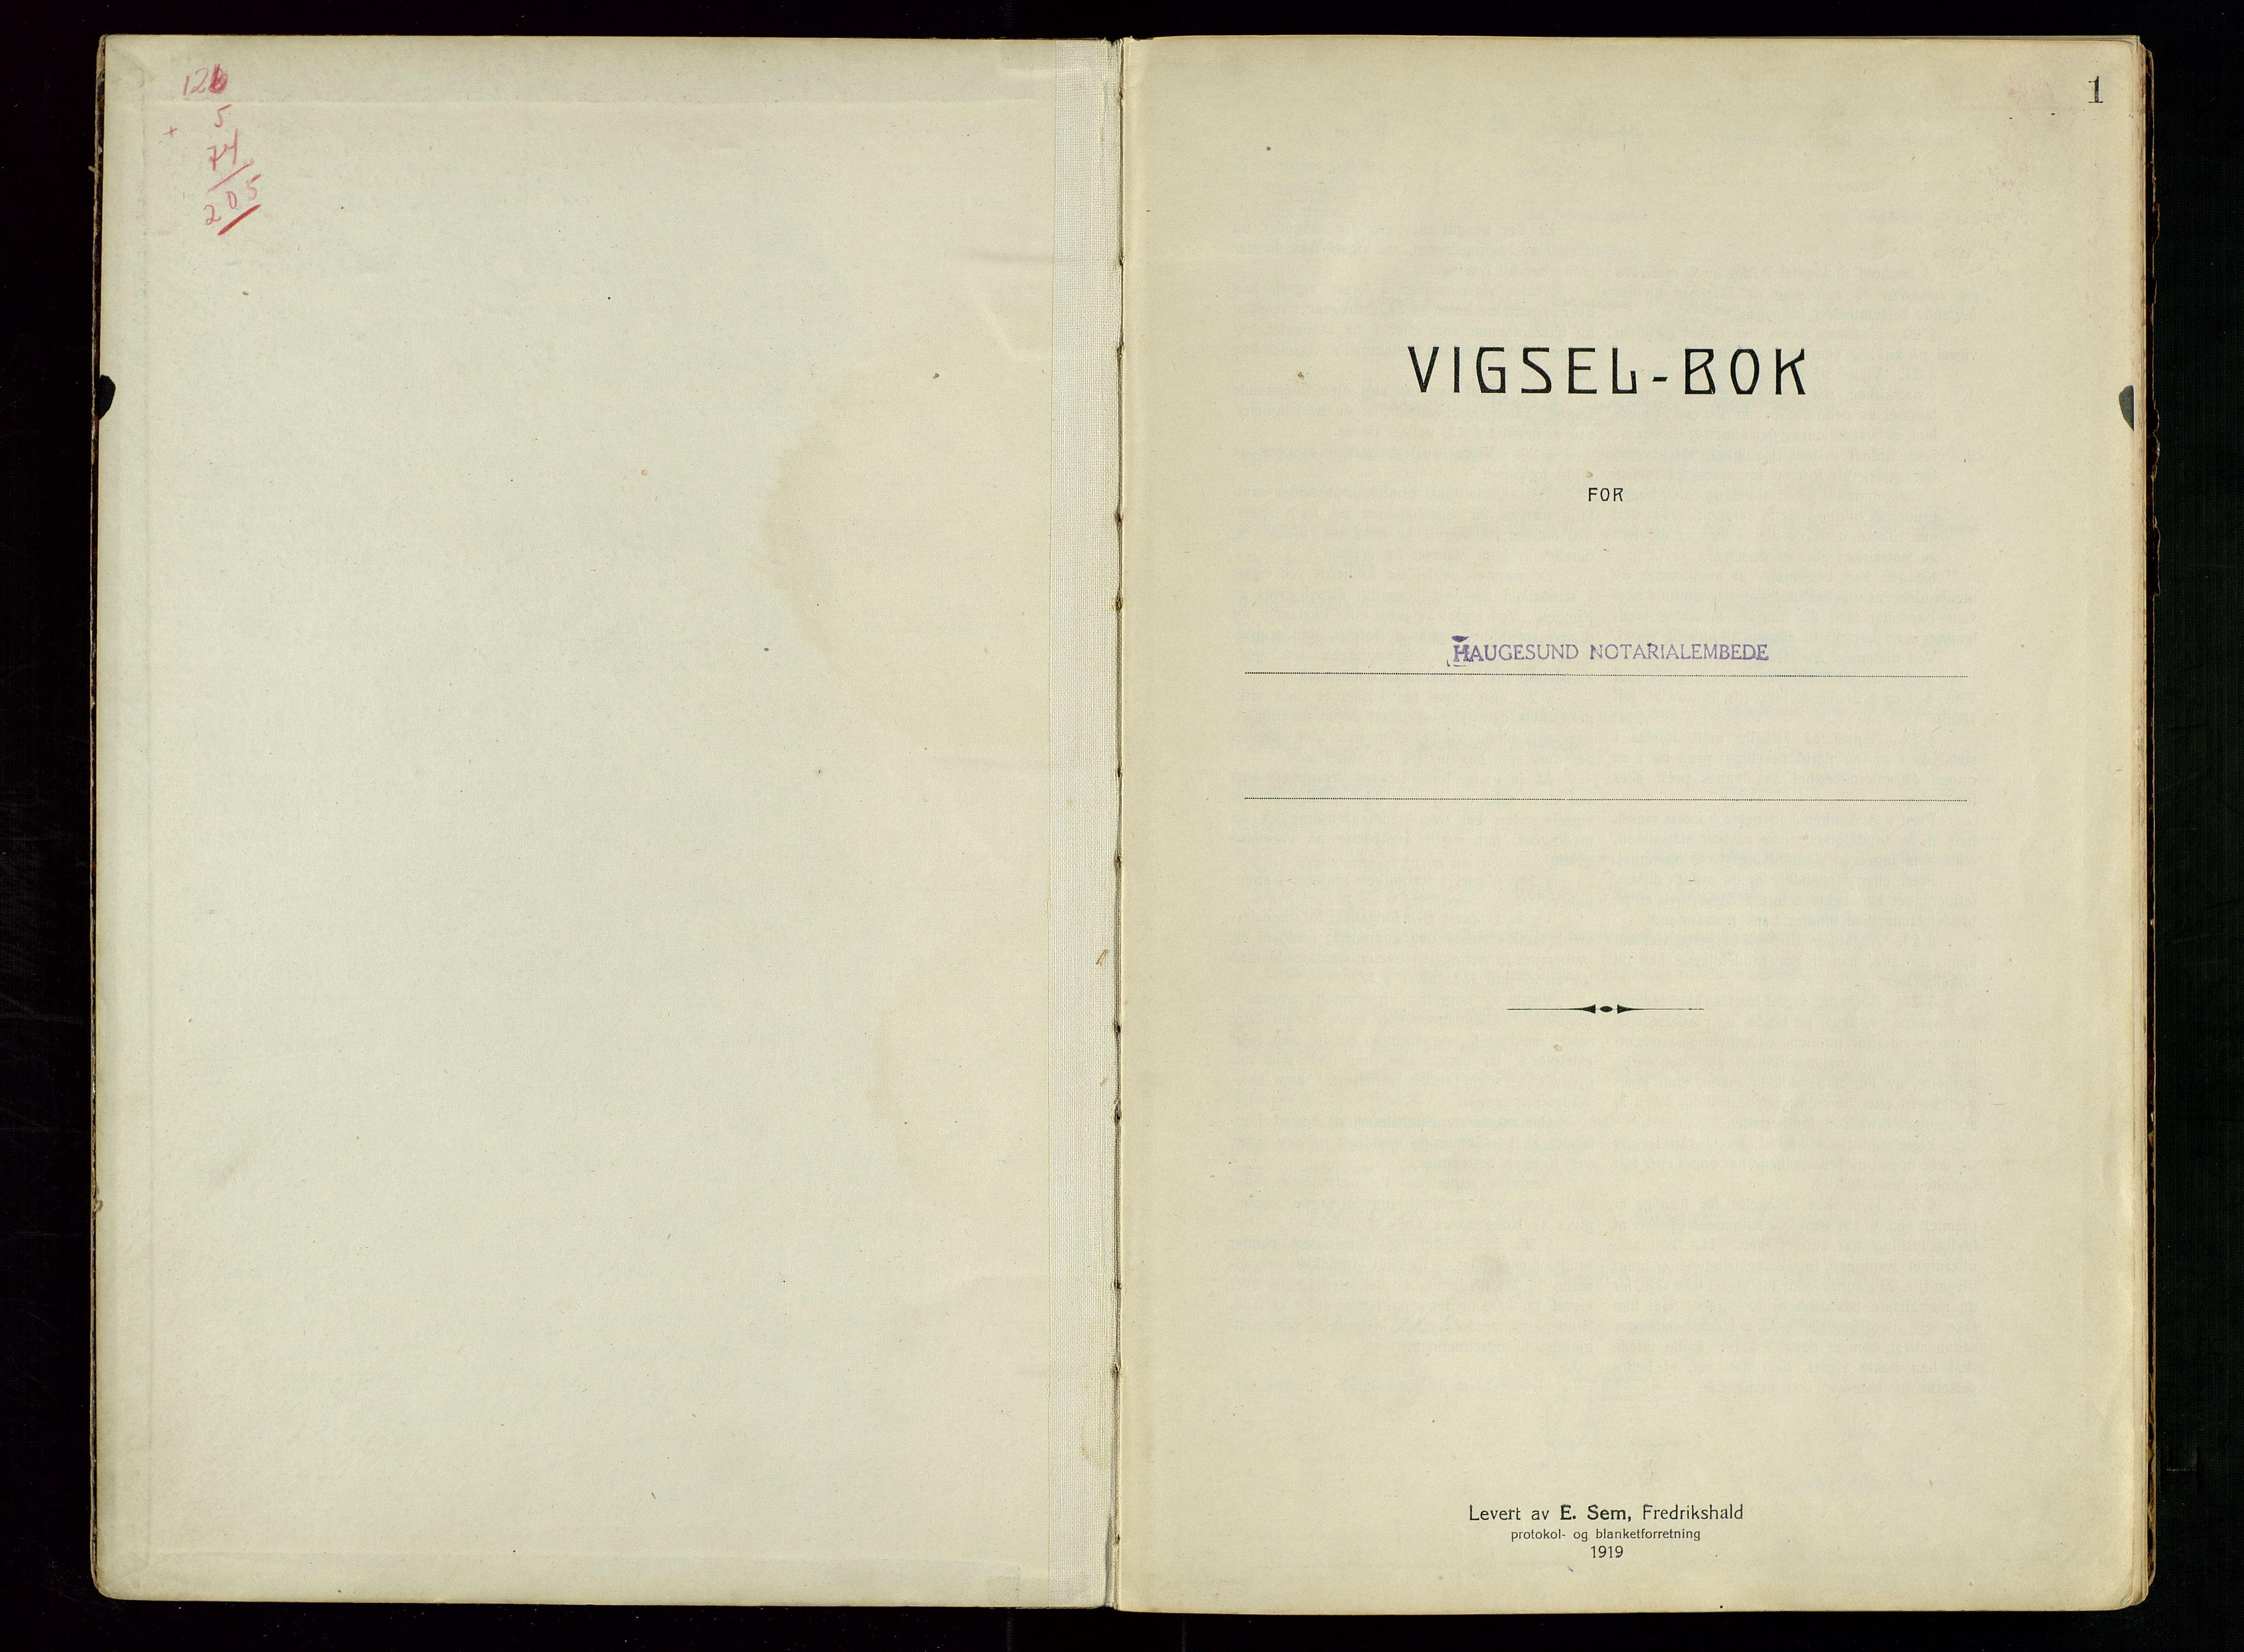 SAST, Haugesund tingrett, III/IIID/L0002: Vigselbok, 1938-1942, s. 1